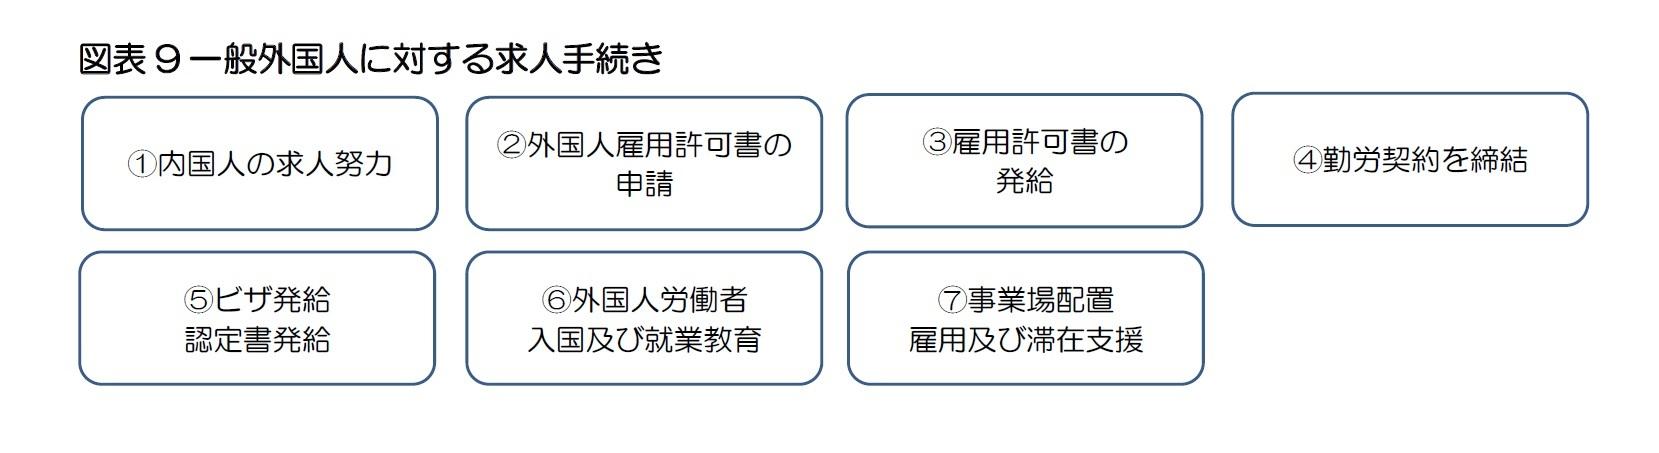 図表9一般外国人に対する求人手続き